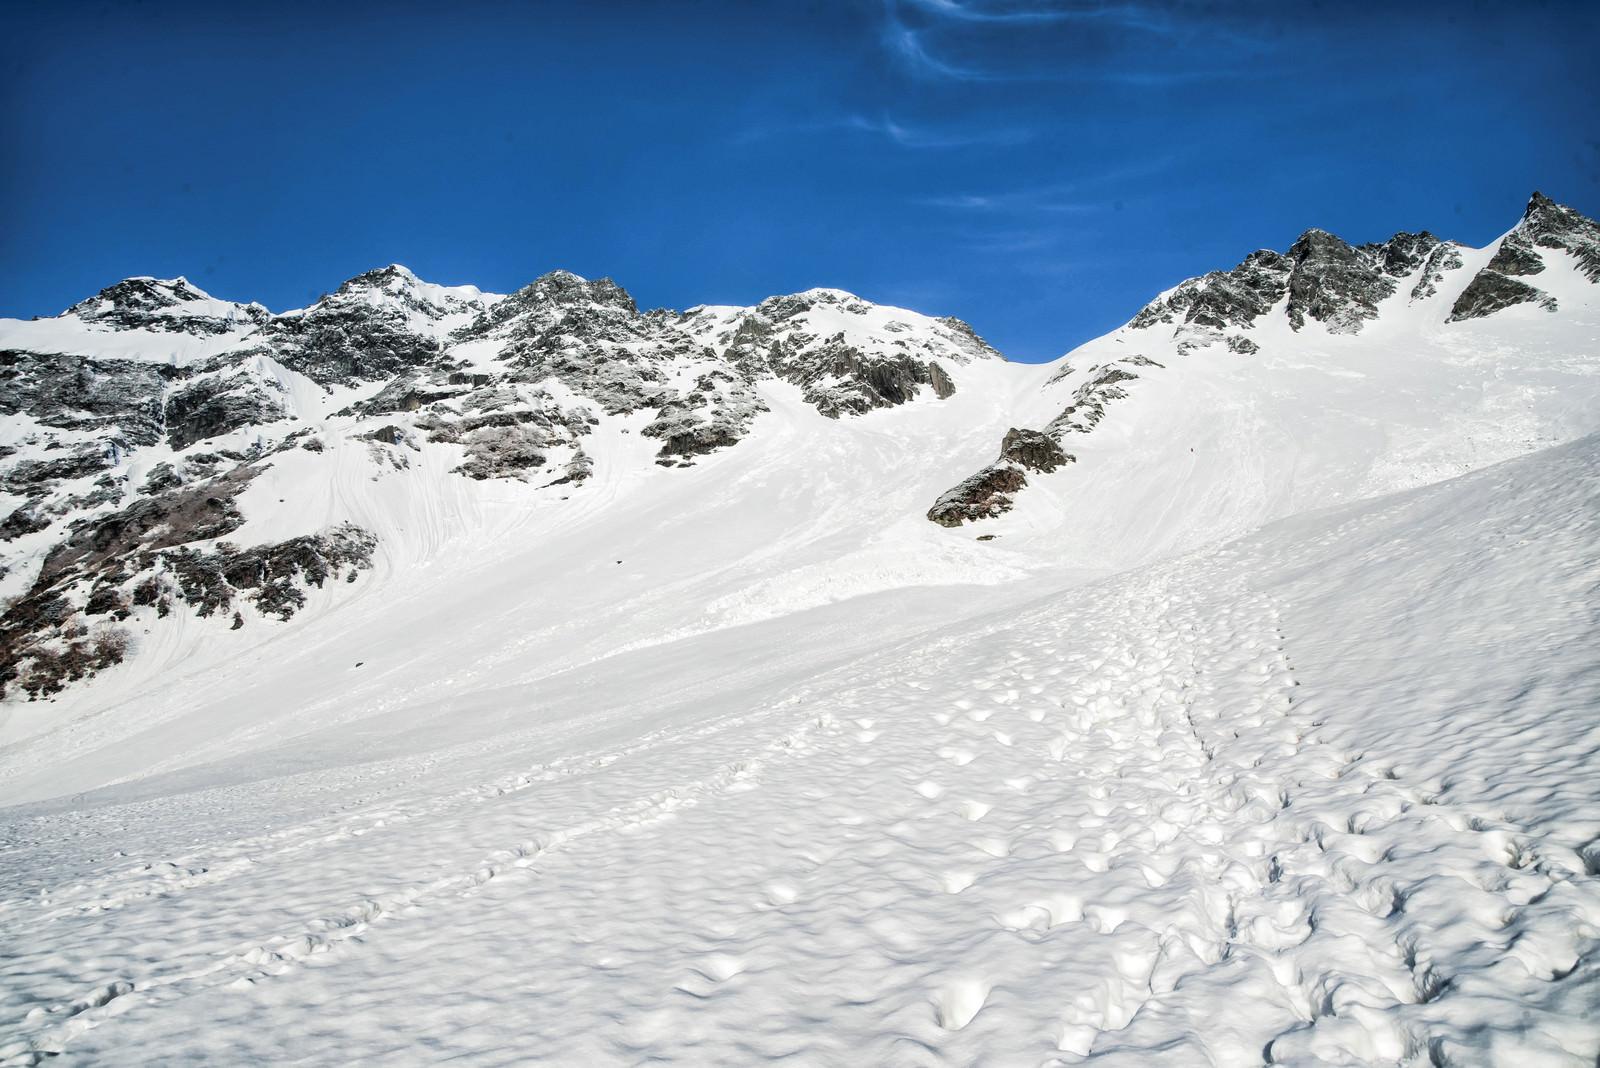 「残雪期の奥穂高岳とザイテングラード」の写真